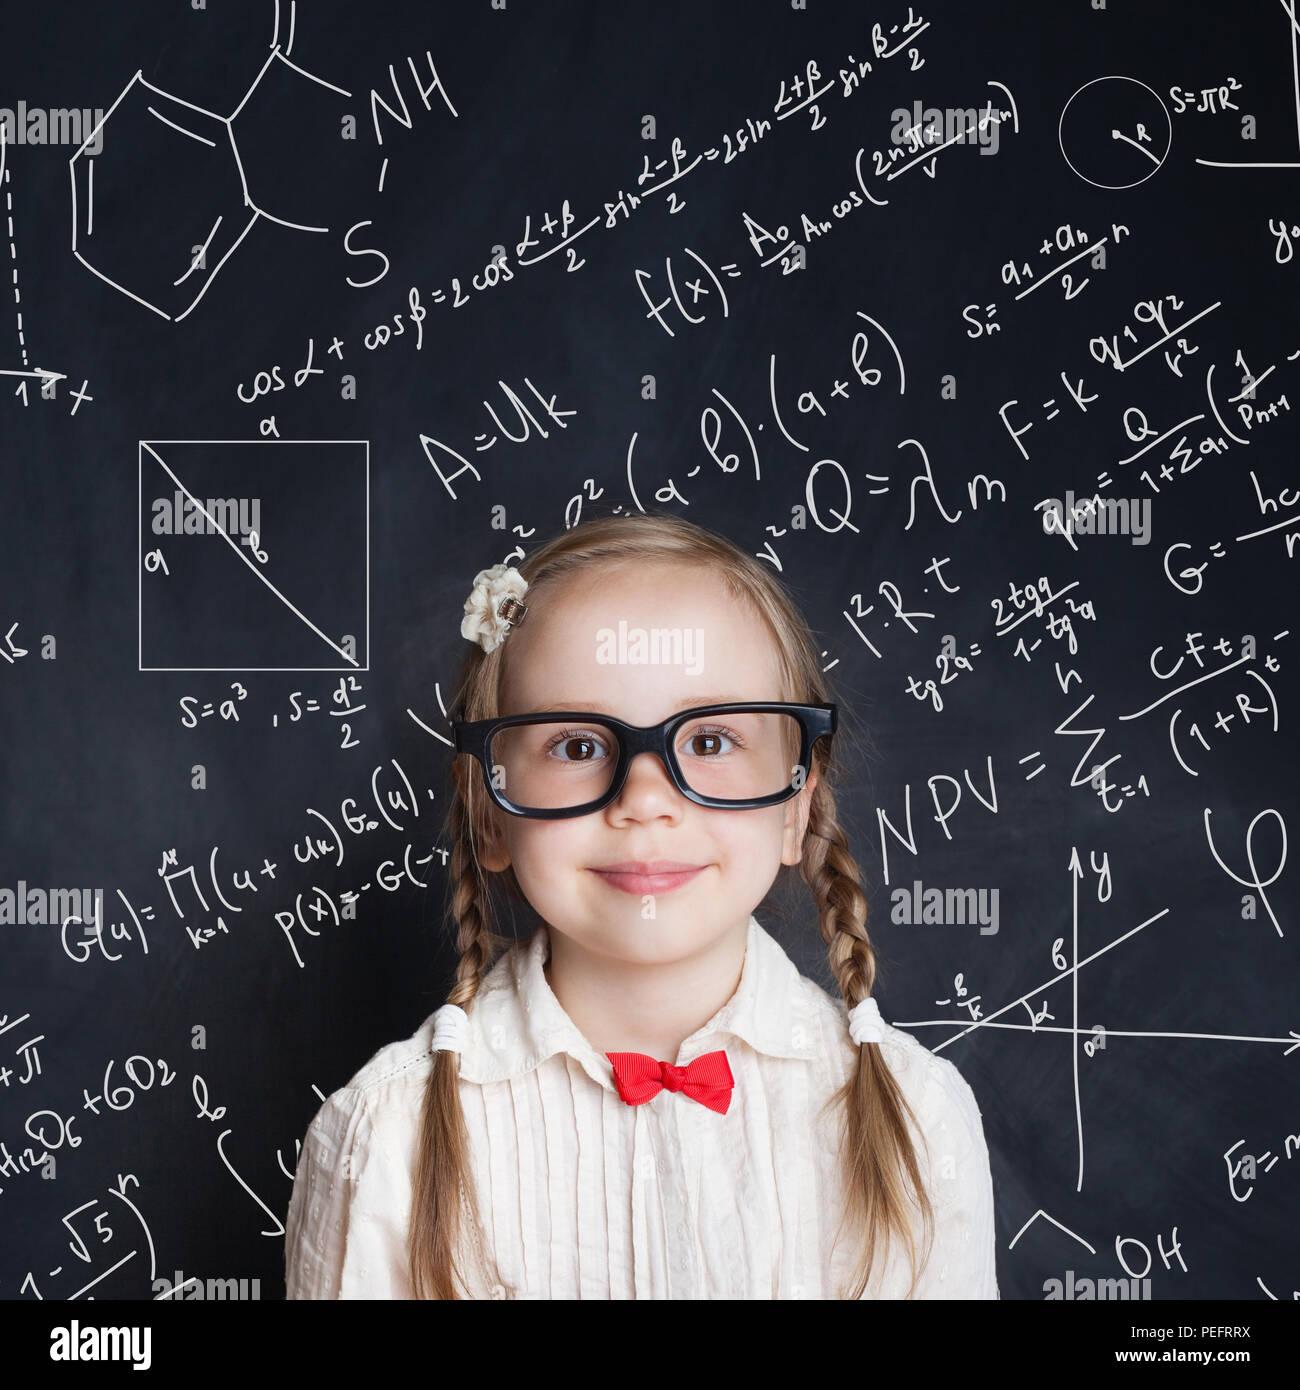 Pequeño genio. Niña inteligente estudiante de matemáticas en la escuela pizarra fondo con dibujos a mano ciencia fórmula patrón. Los niños educación matemática c Imagen De Stock